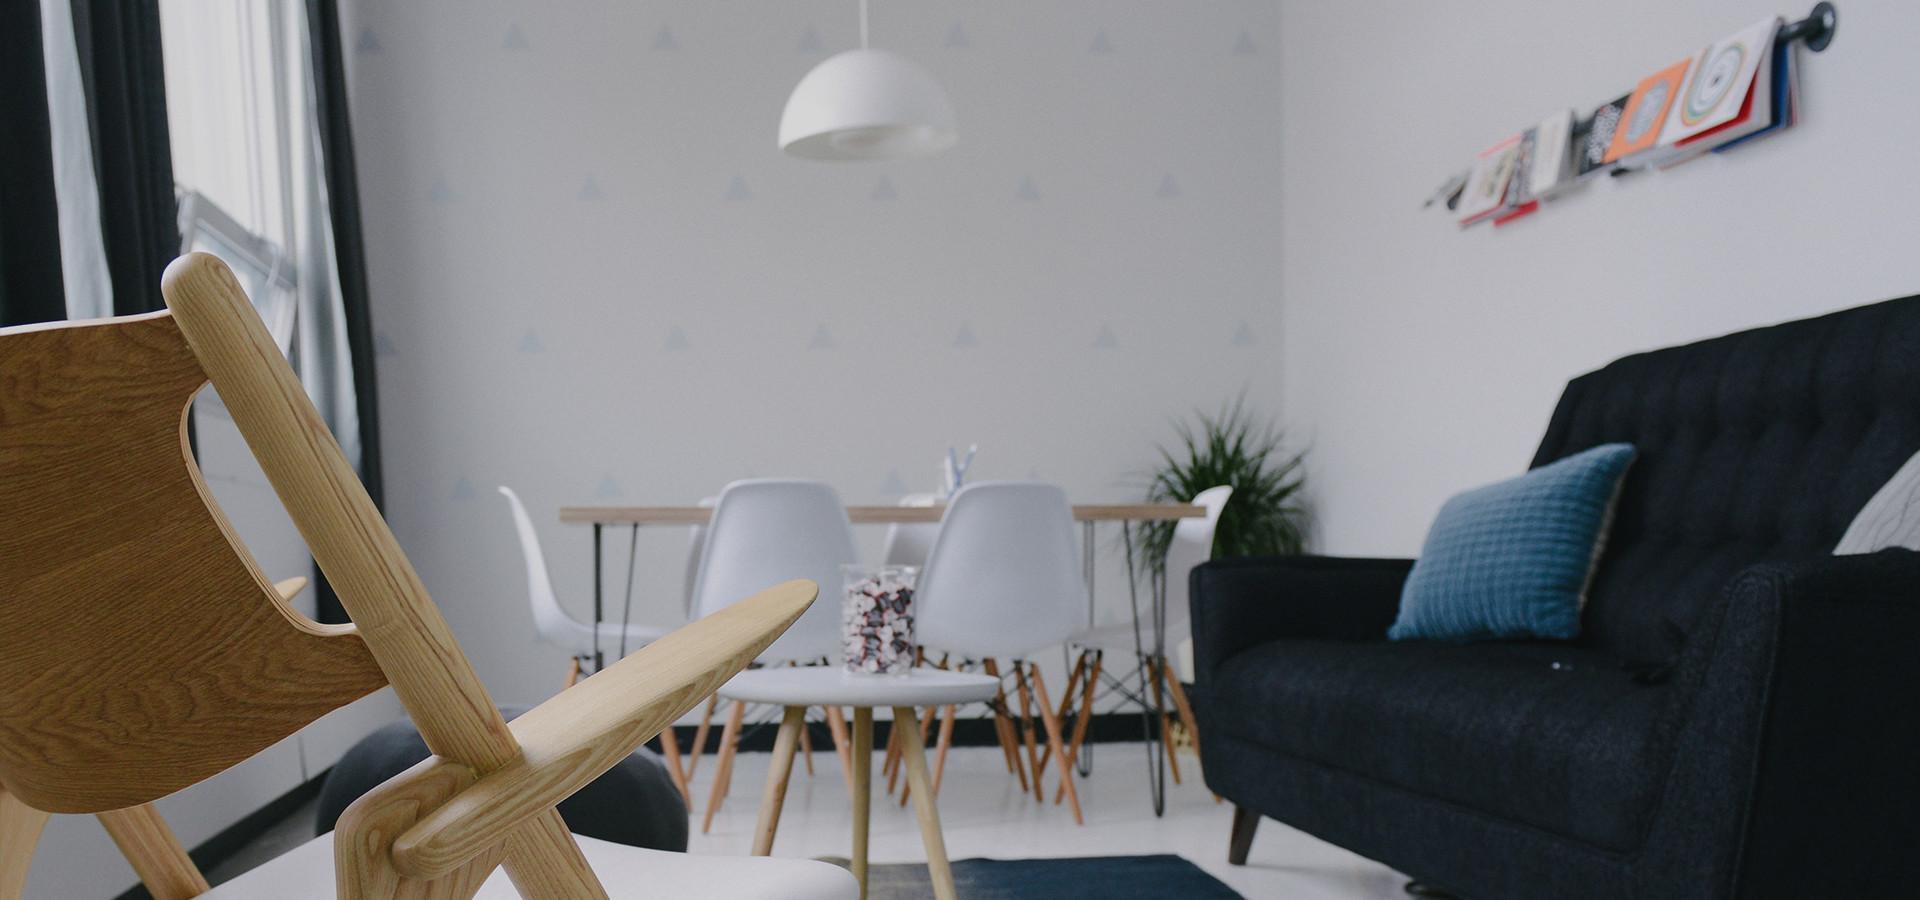 Main Furniture